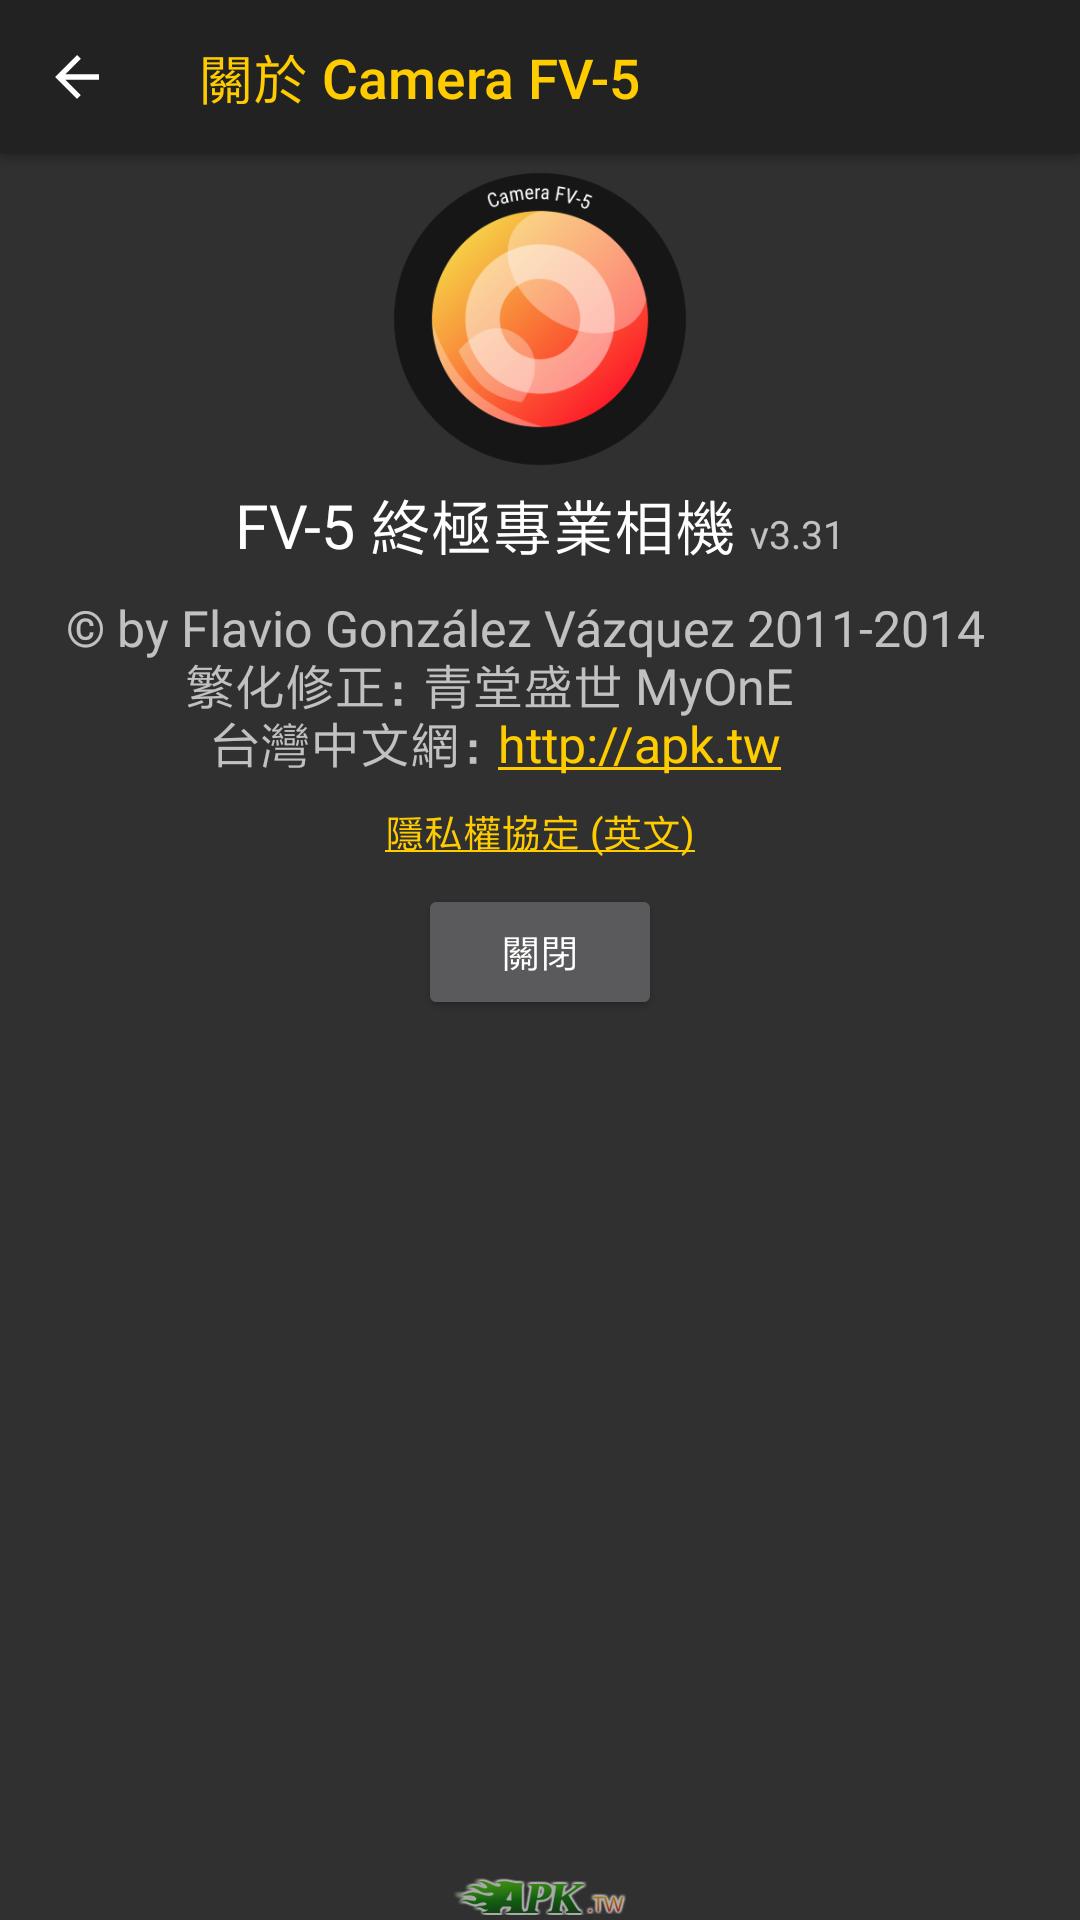 Screenshot_2017-08-12-20-52-21-863_com.flavionet.android.camera.pro.png